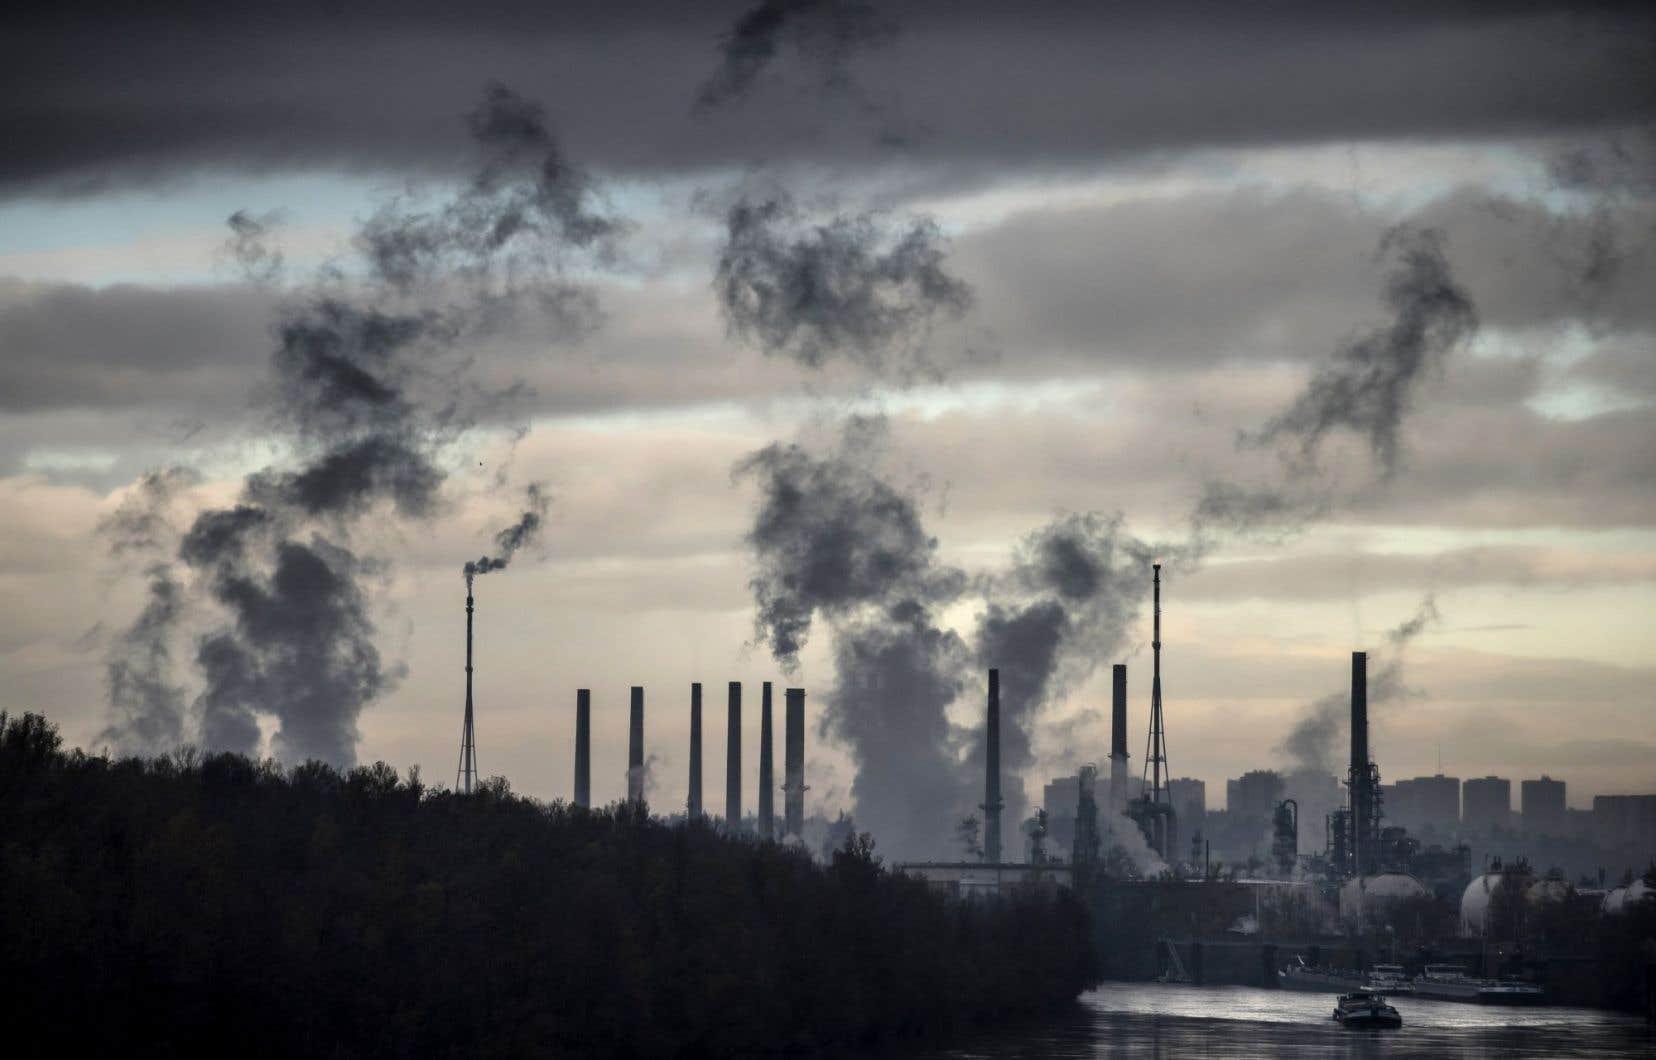 Un an après l'annonce, le Fonds, qui donne chaque année une trentaine de millions, ne possède plus qu'environ 3,5% des actifs dans le créneau des énergies fossiles, comparativement à 8% au moment de la décision.